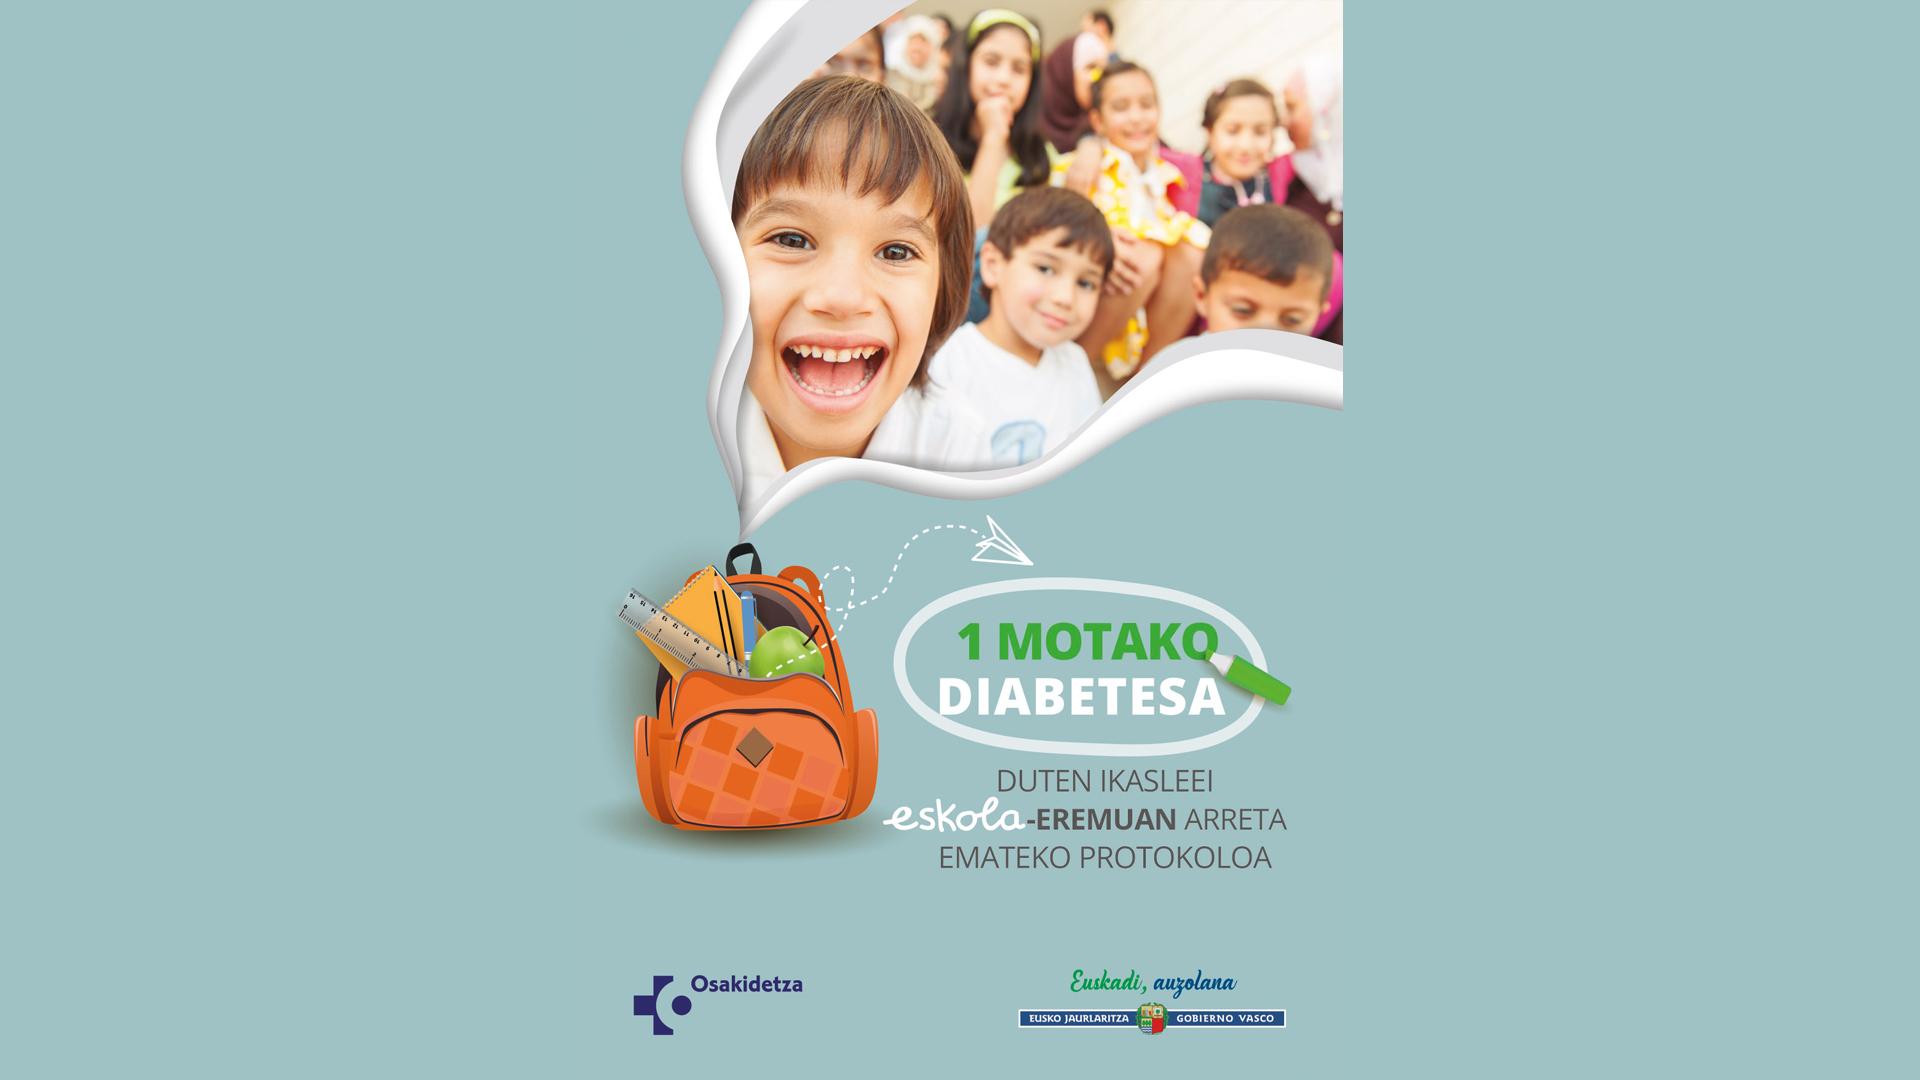 Protokolo baten bidez hobetu egiten dira I motako diabetesa duen adingabe batek eskola-eremuan behar dituen kontrola eta zaintzak [0:00]